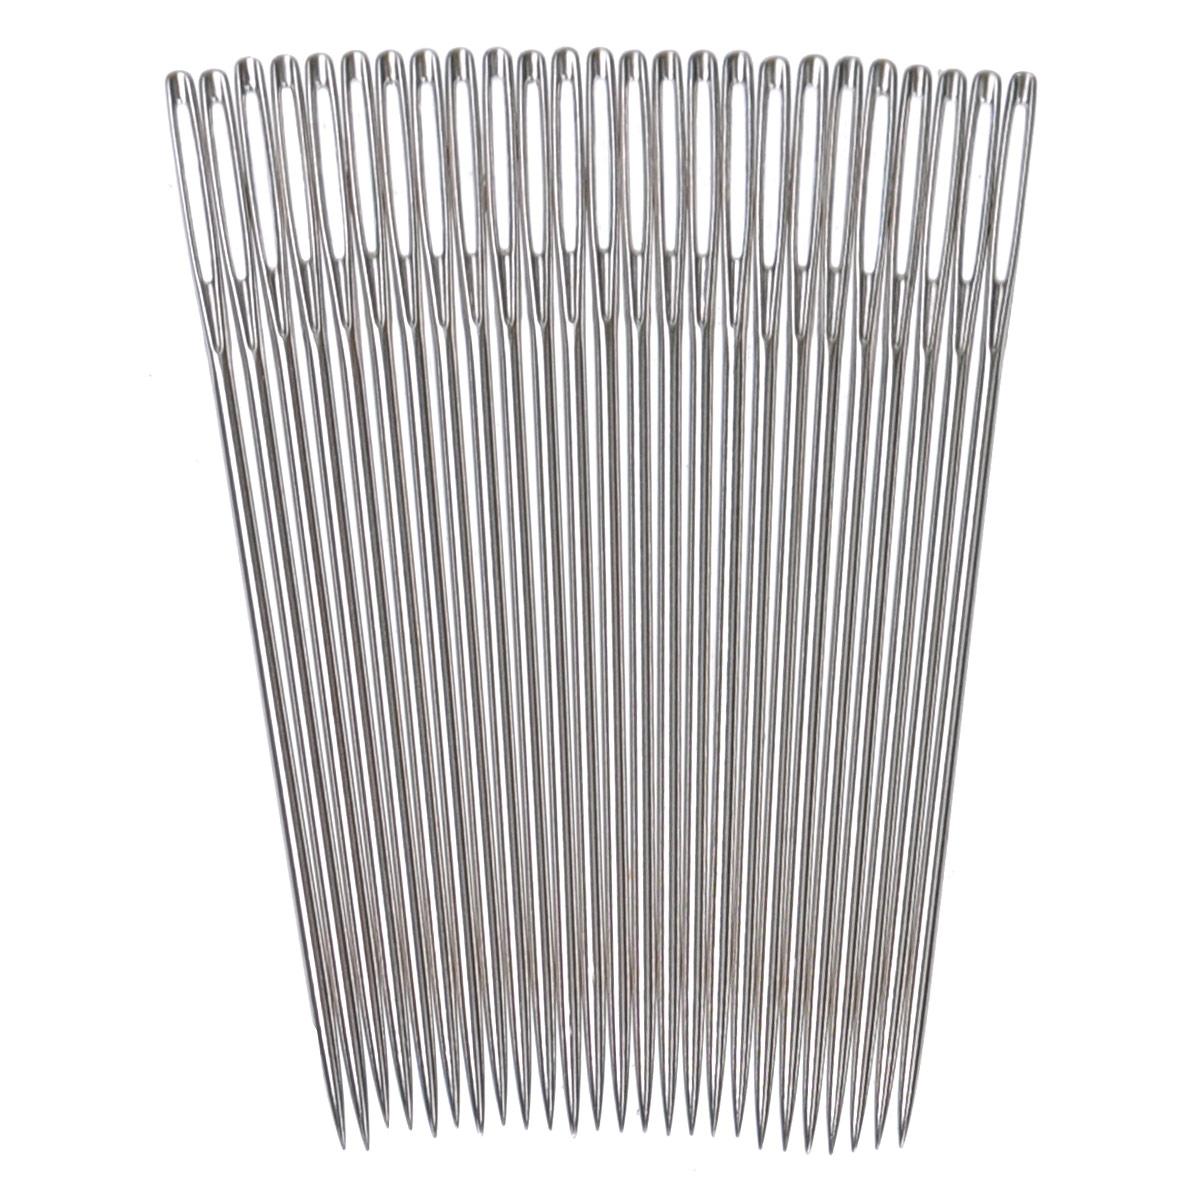 Иглы ручные Prym, для вышивки с острием, №18, 25 шт124133Ручные иглы Prym, изготовленные из стали, предназначены для вышивки по ткани. Иглы имеют острие и ушко.